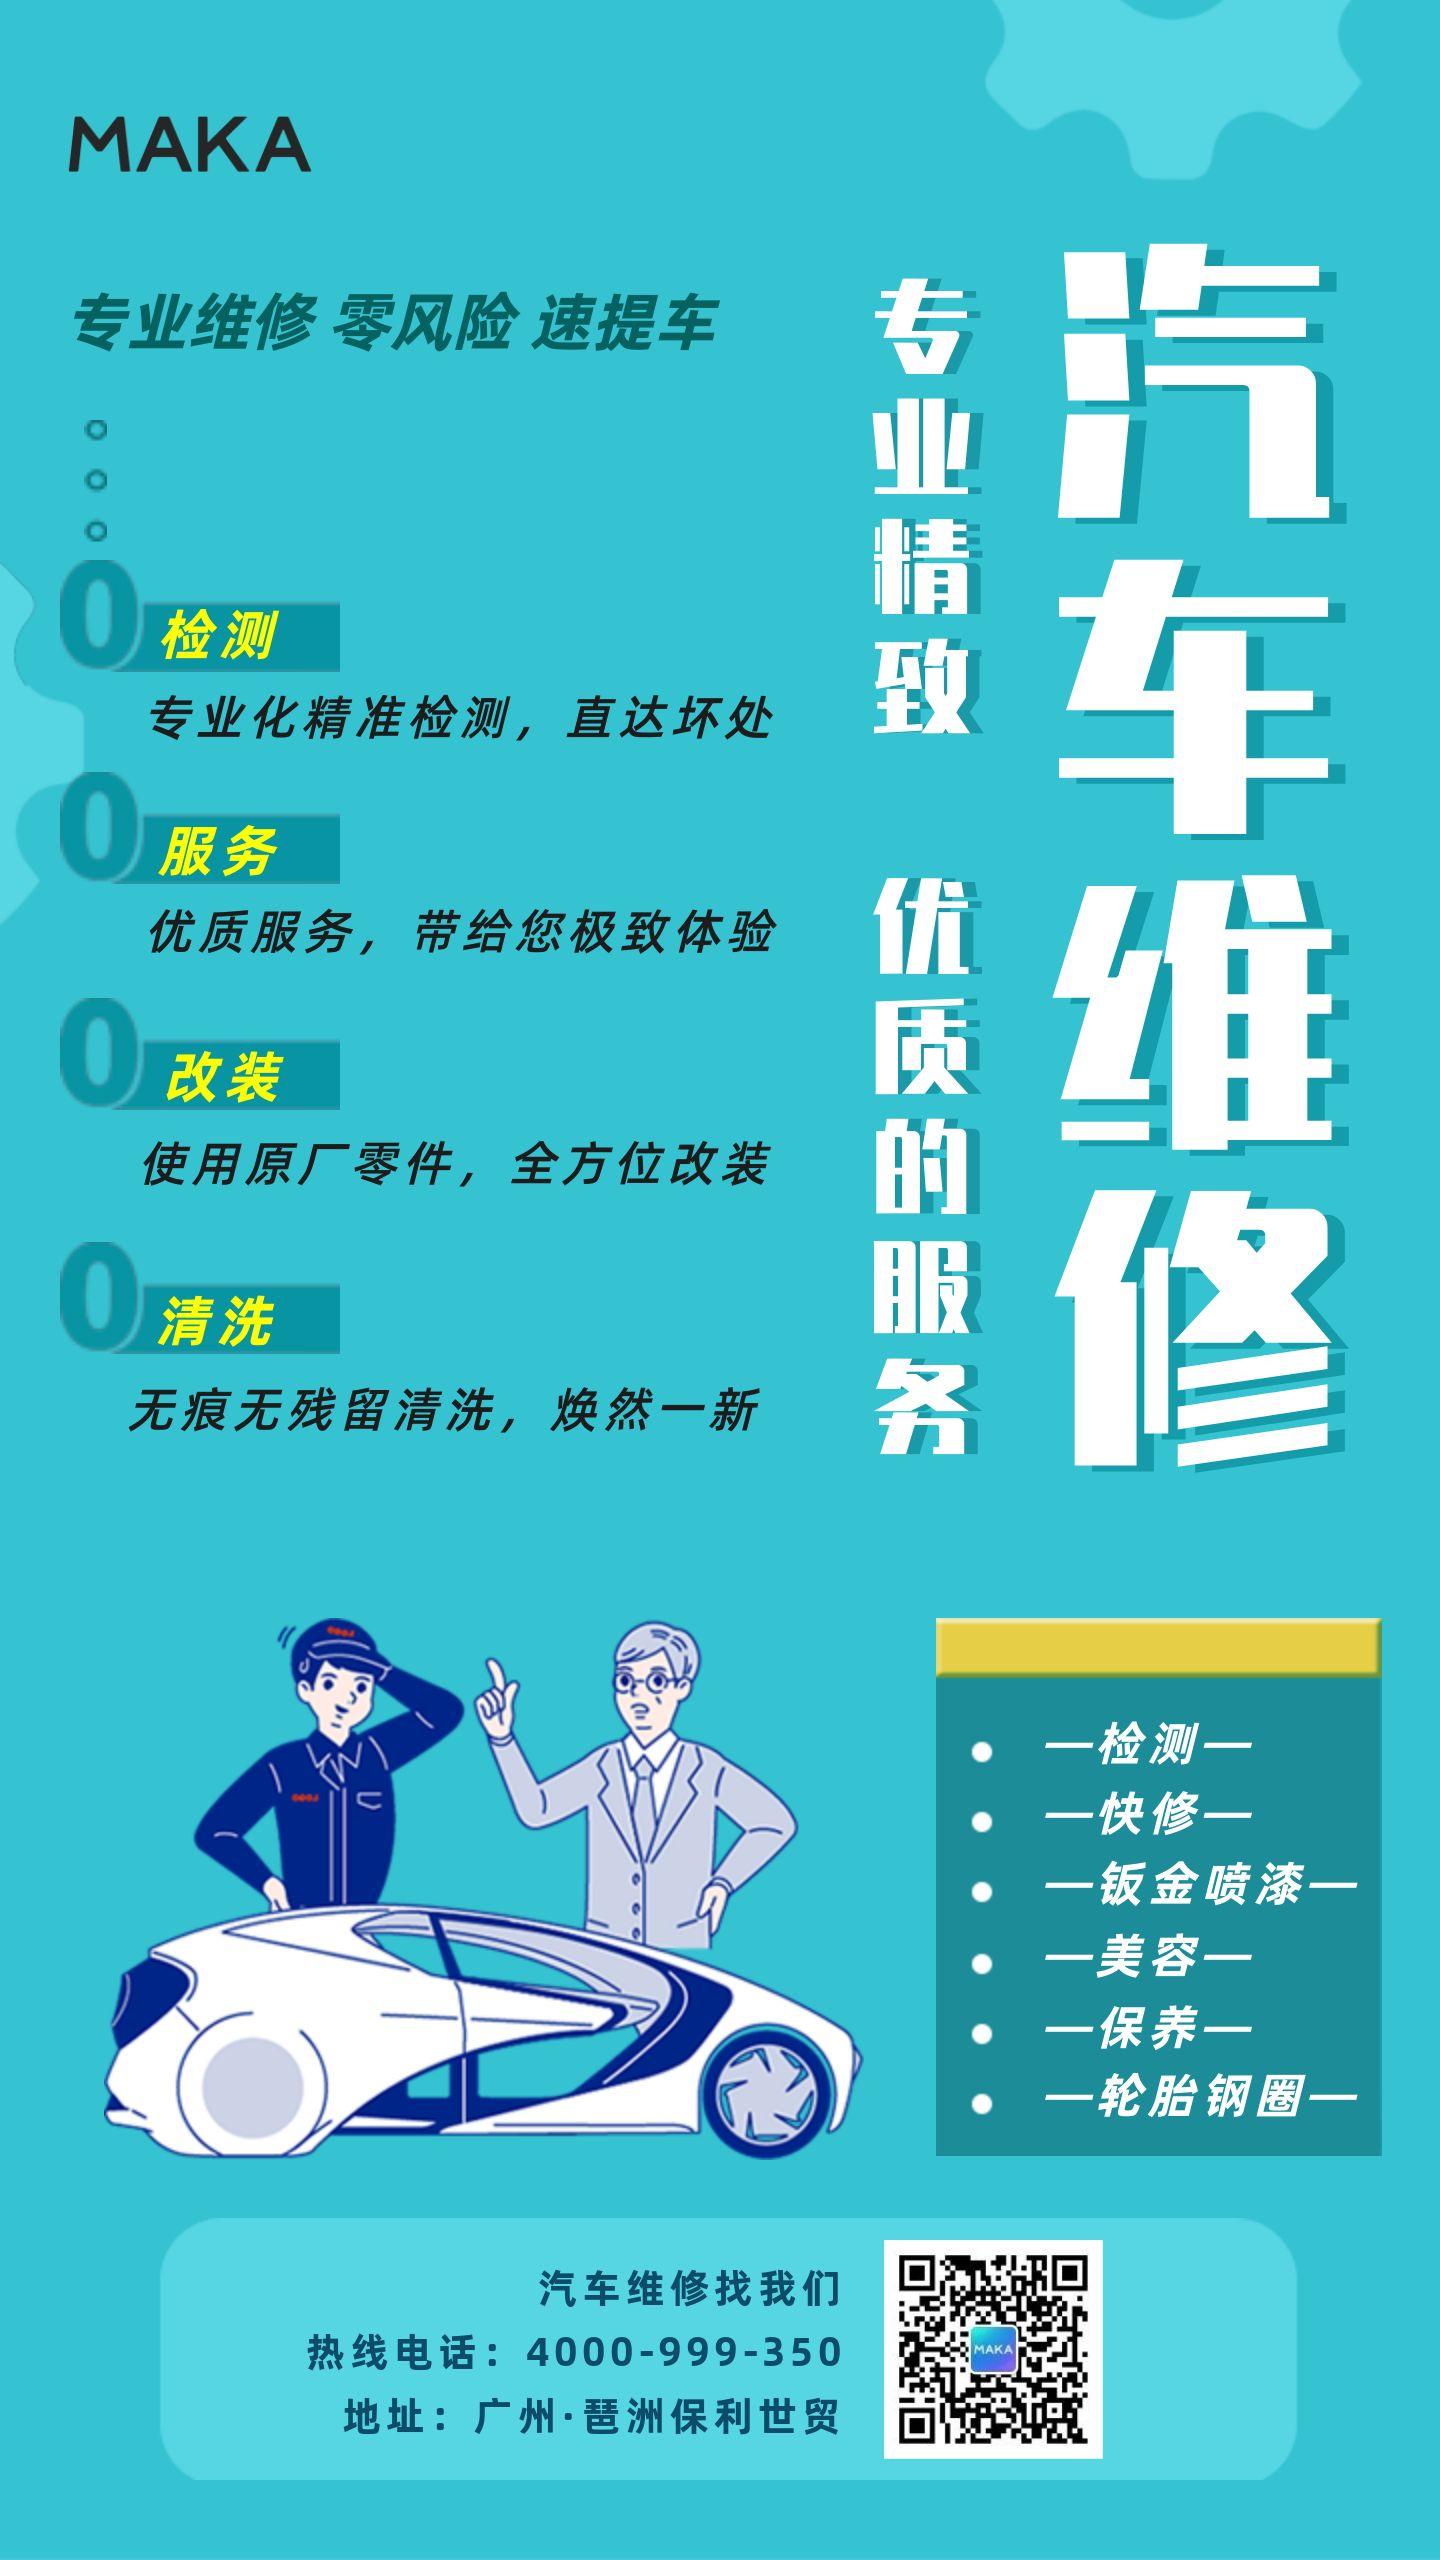 矢量简约蓝色科技汽车行业维修宣传海报